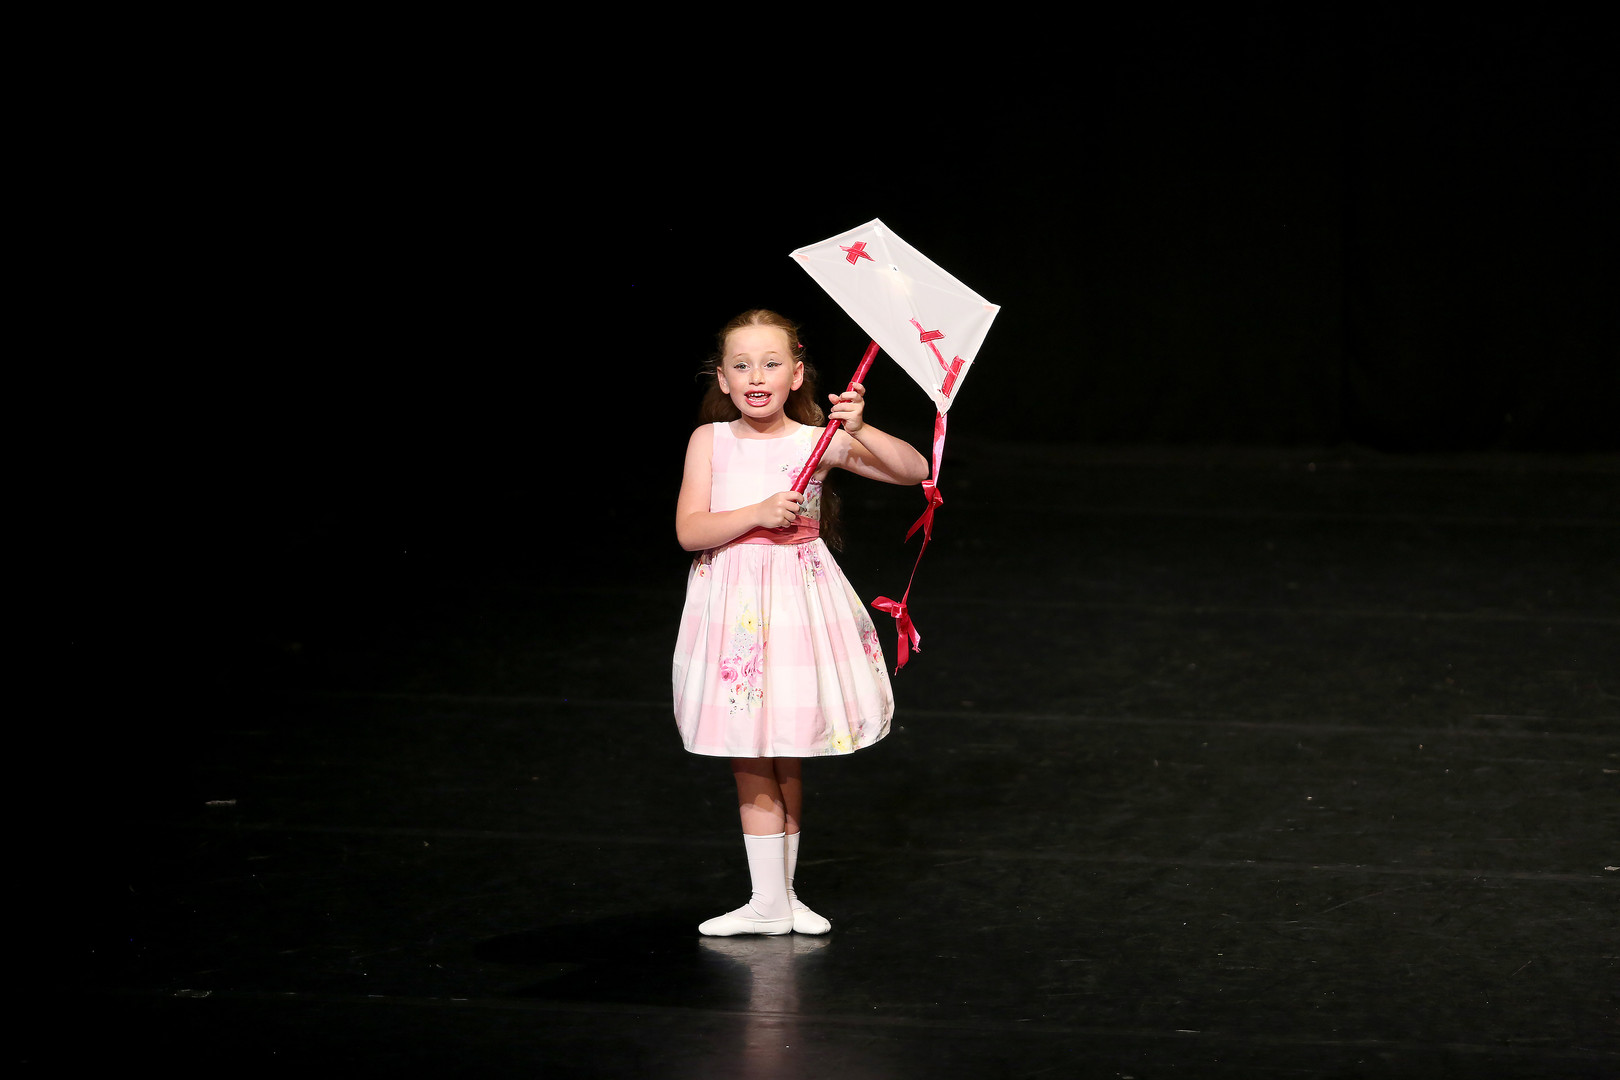 D'Lainie, Age 6